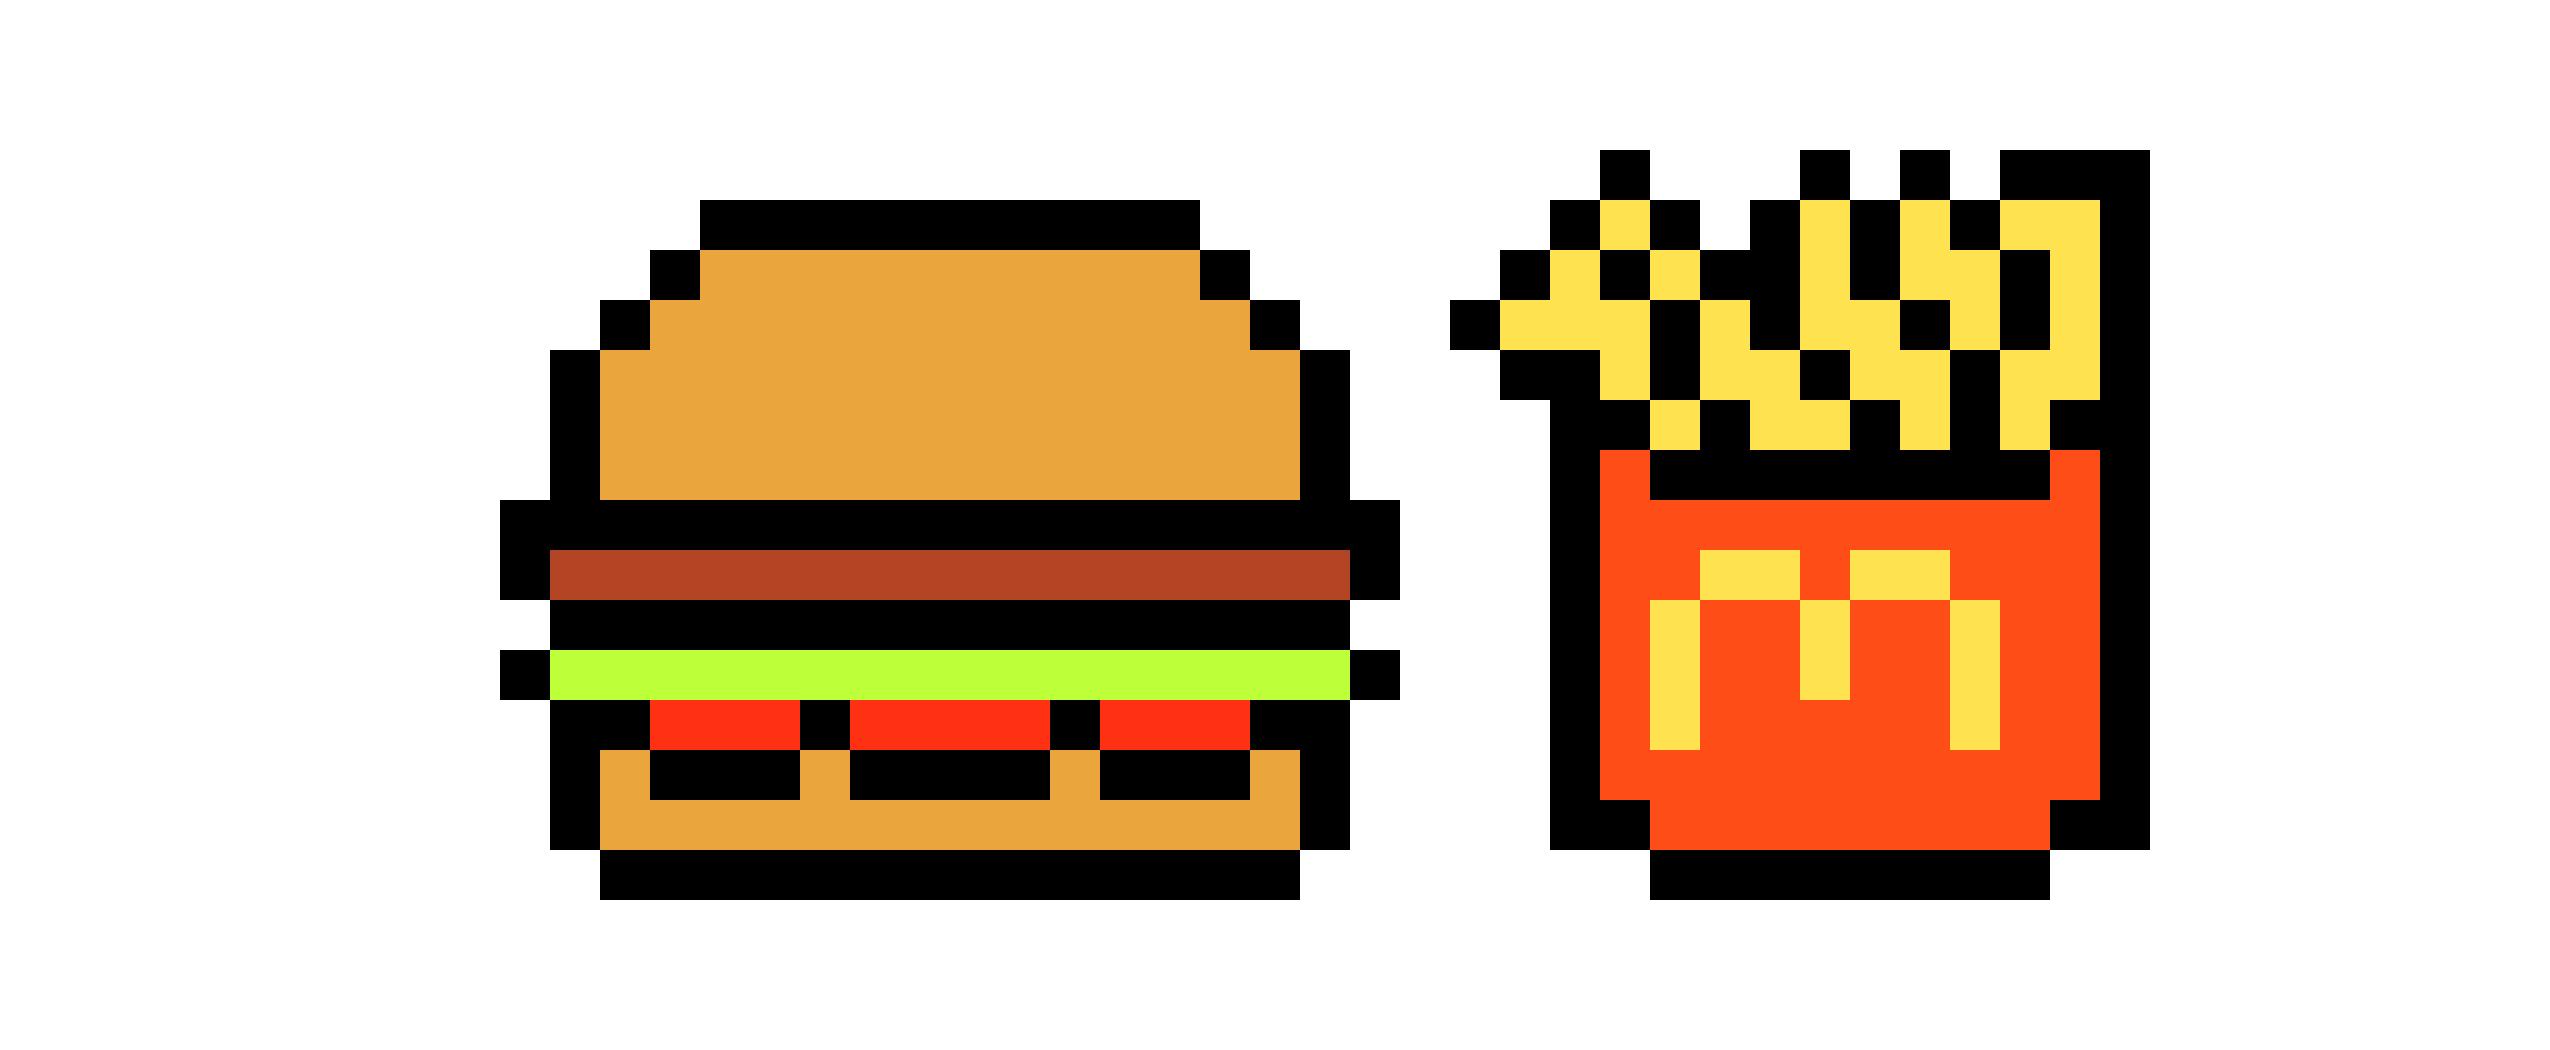 Mcdonalds Pixel Art Maker